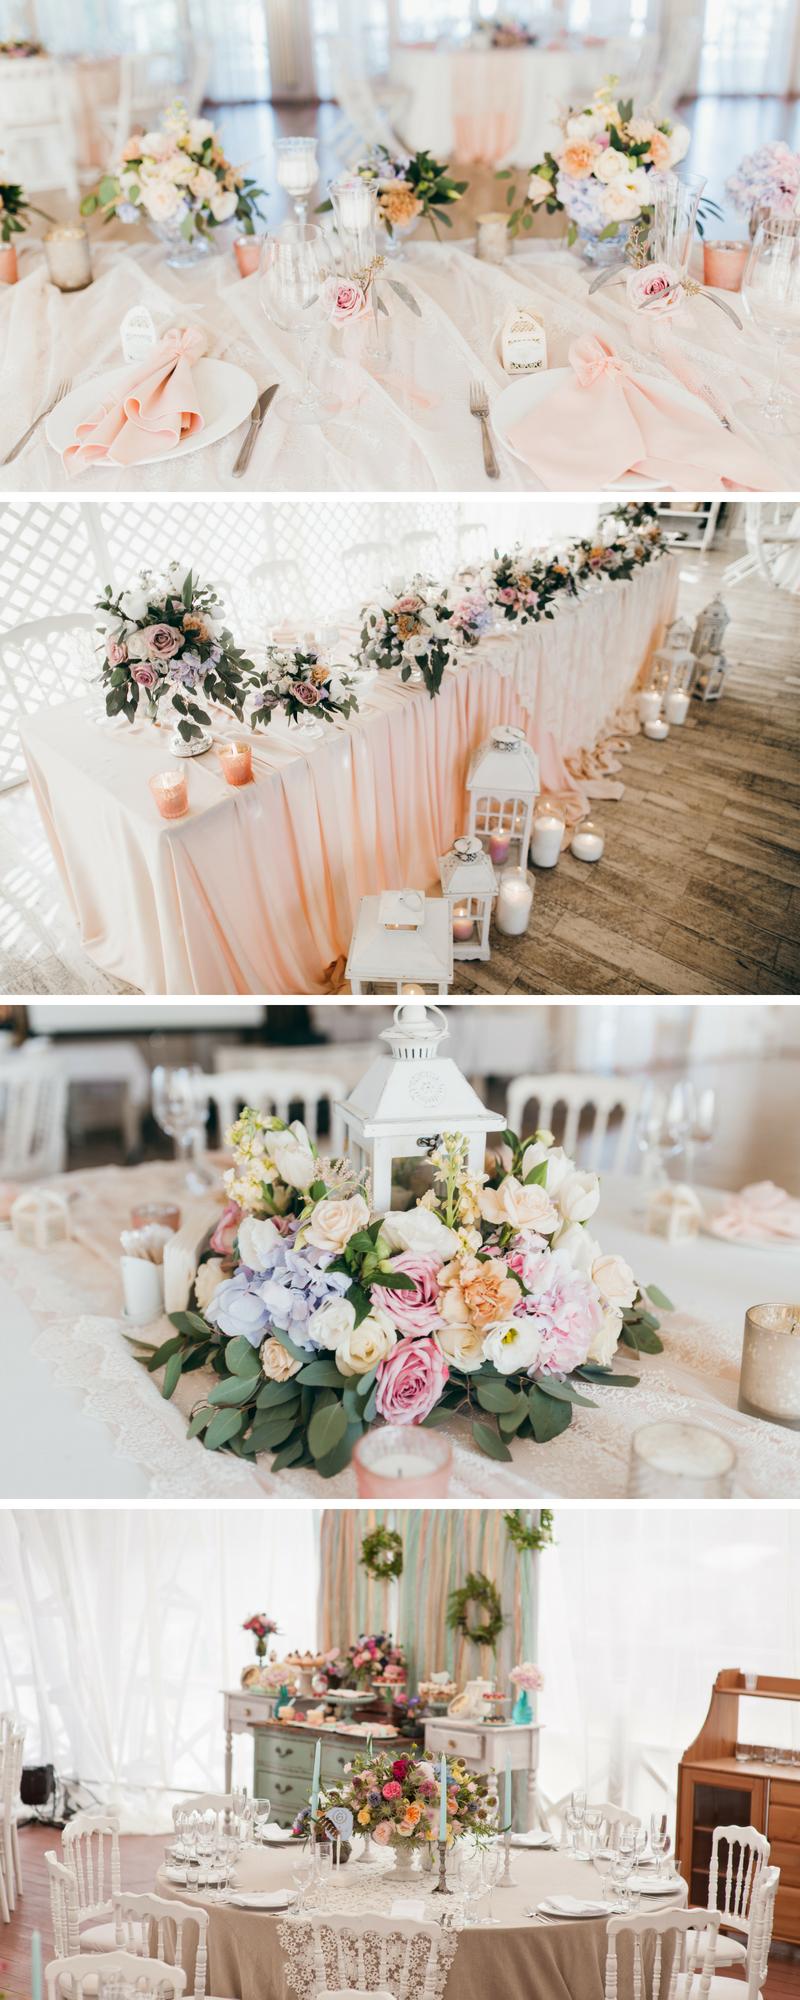 Atemberaubende Vintage Hochzeitsideen Wedding Arrangements